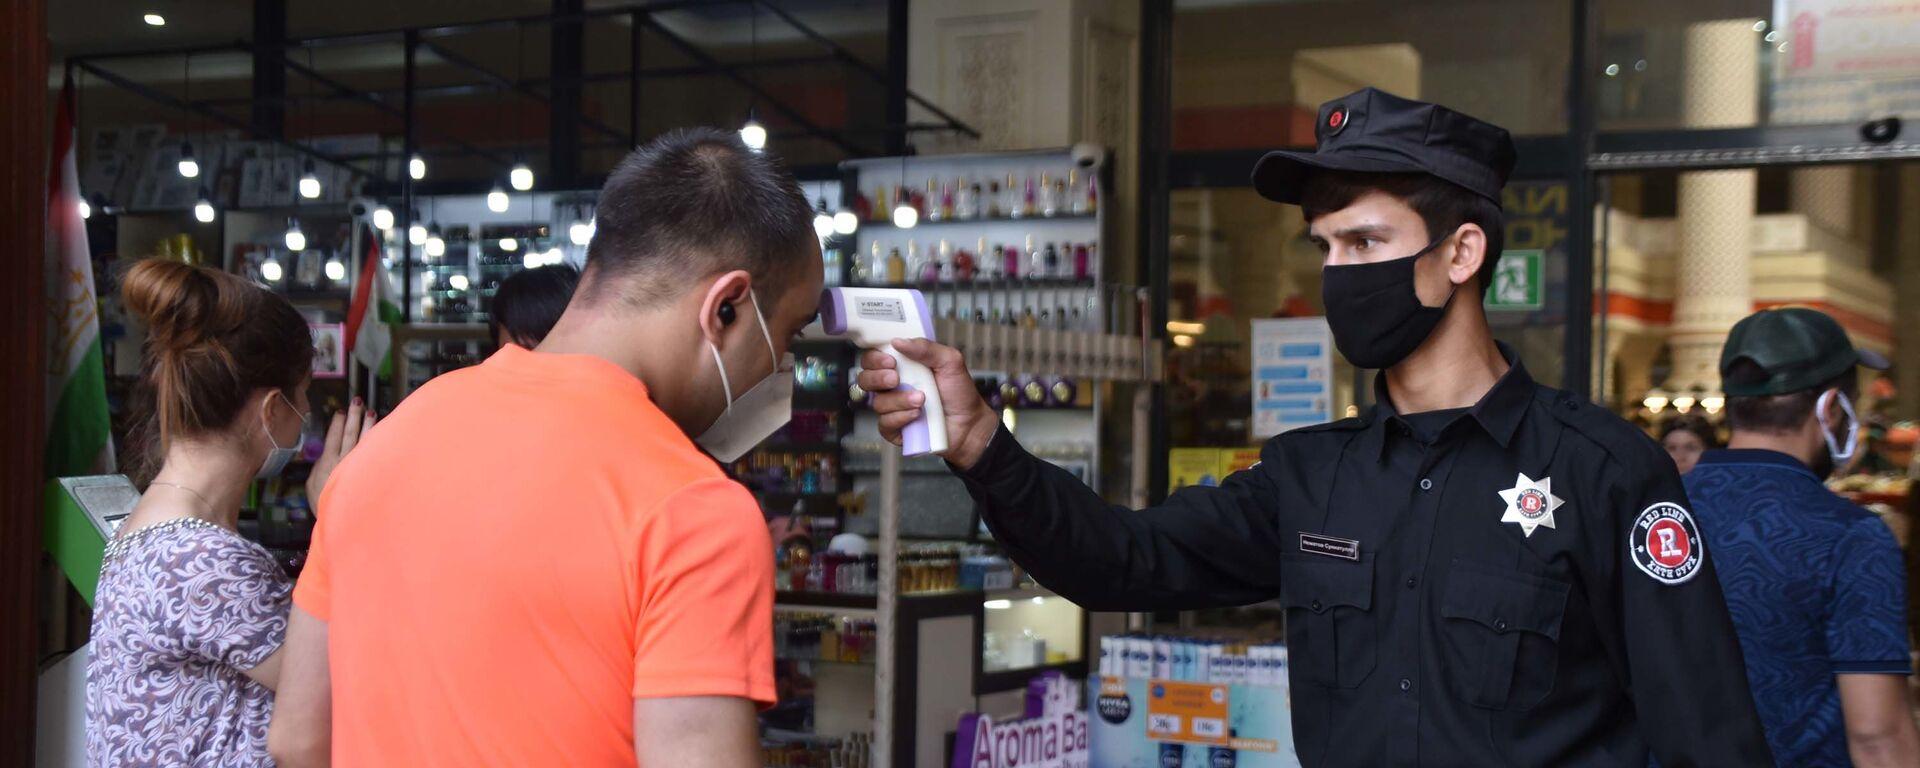 Сотрудник охраны рынка Мехргон проверяет температуру у посетителя - Sputnik Таджикистан, 1920, 13.02.2021